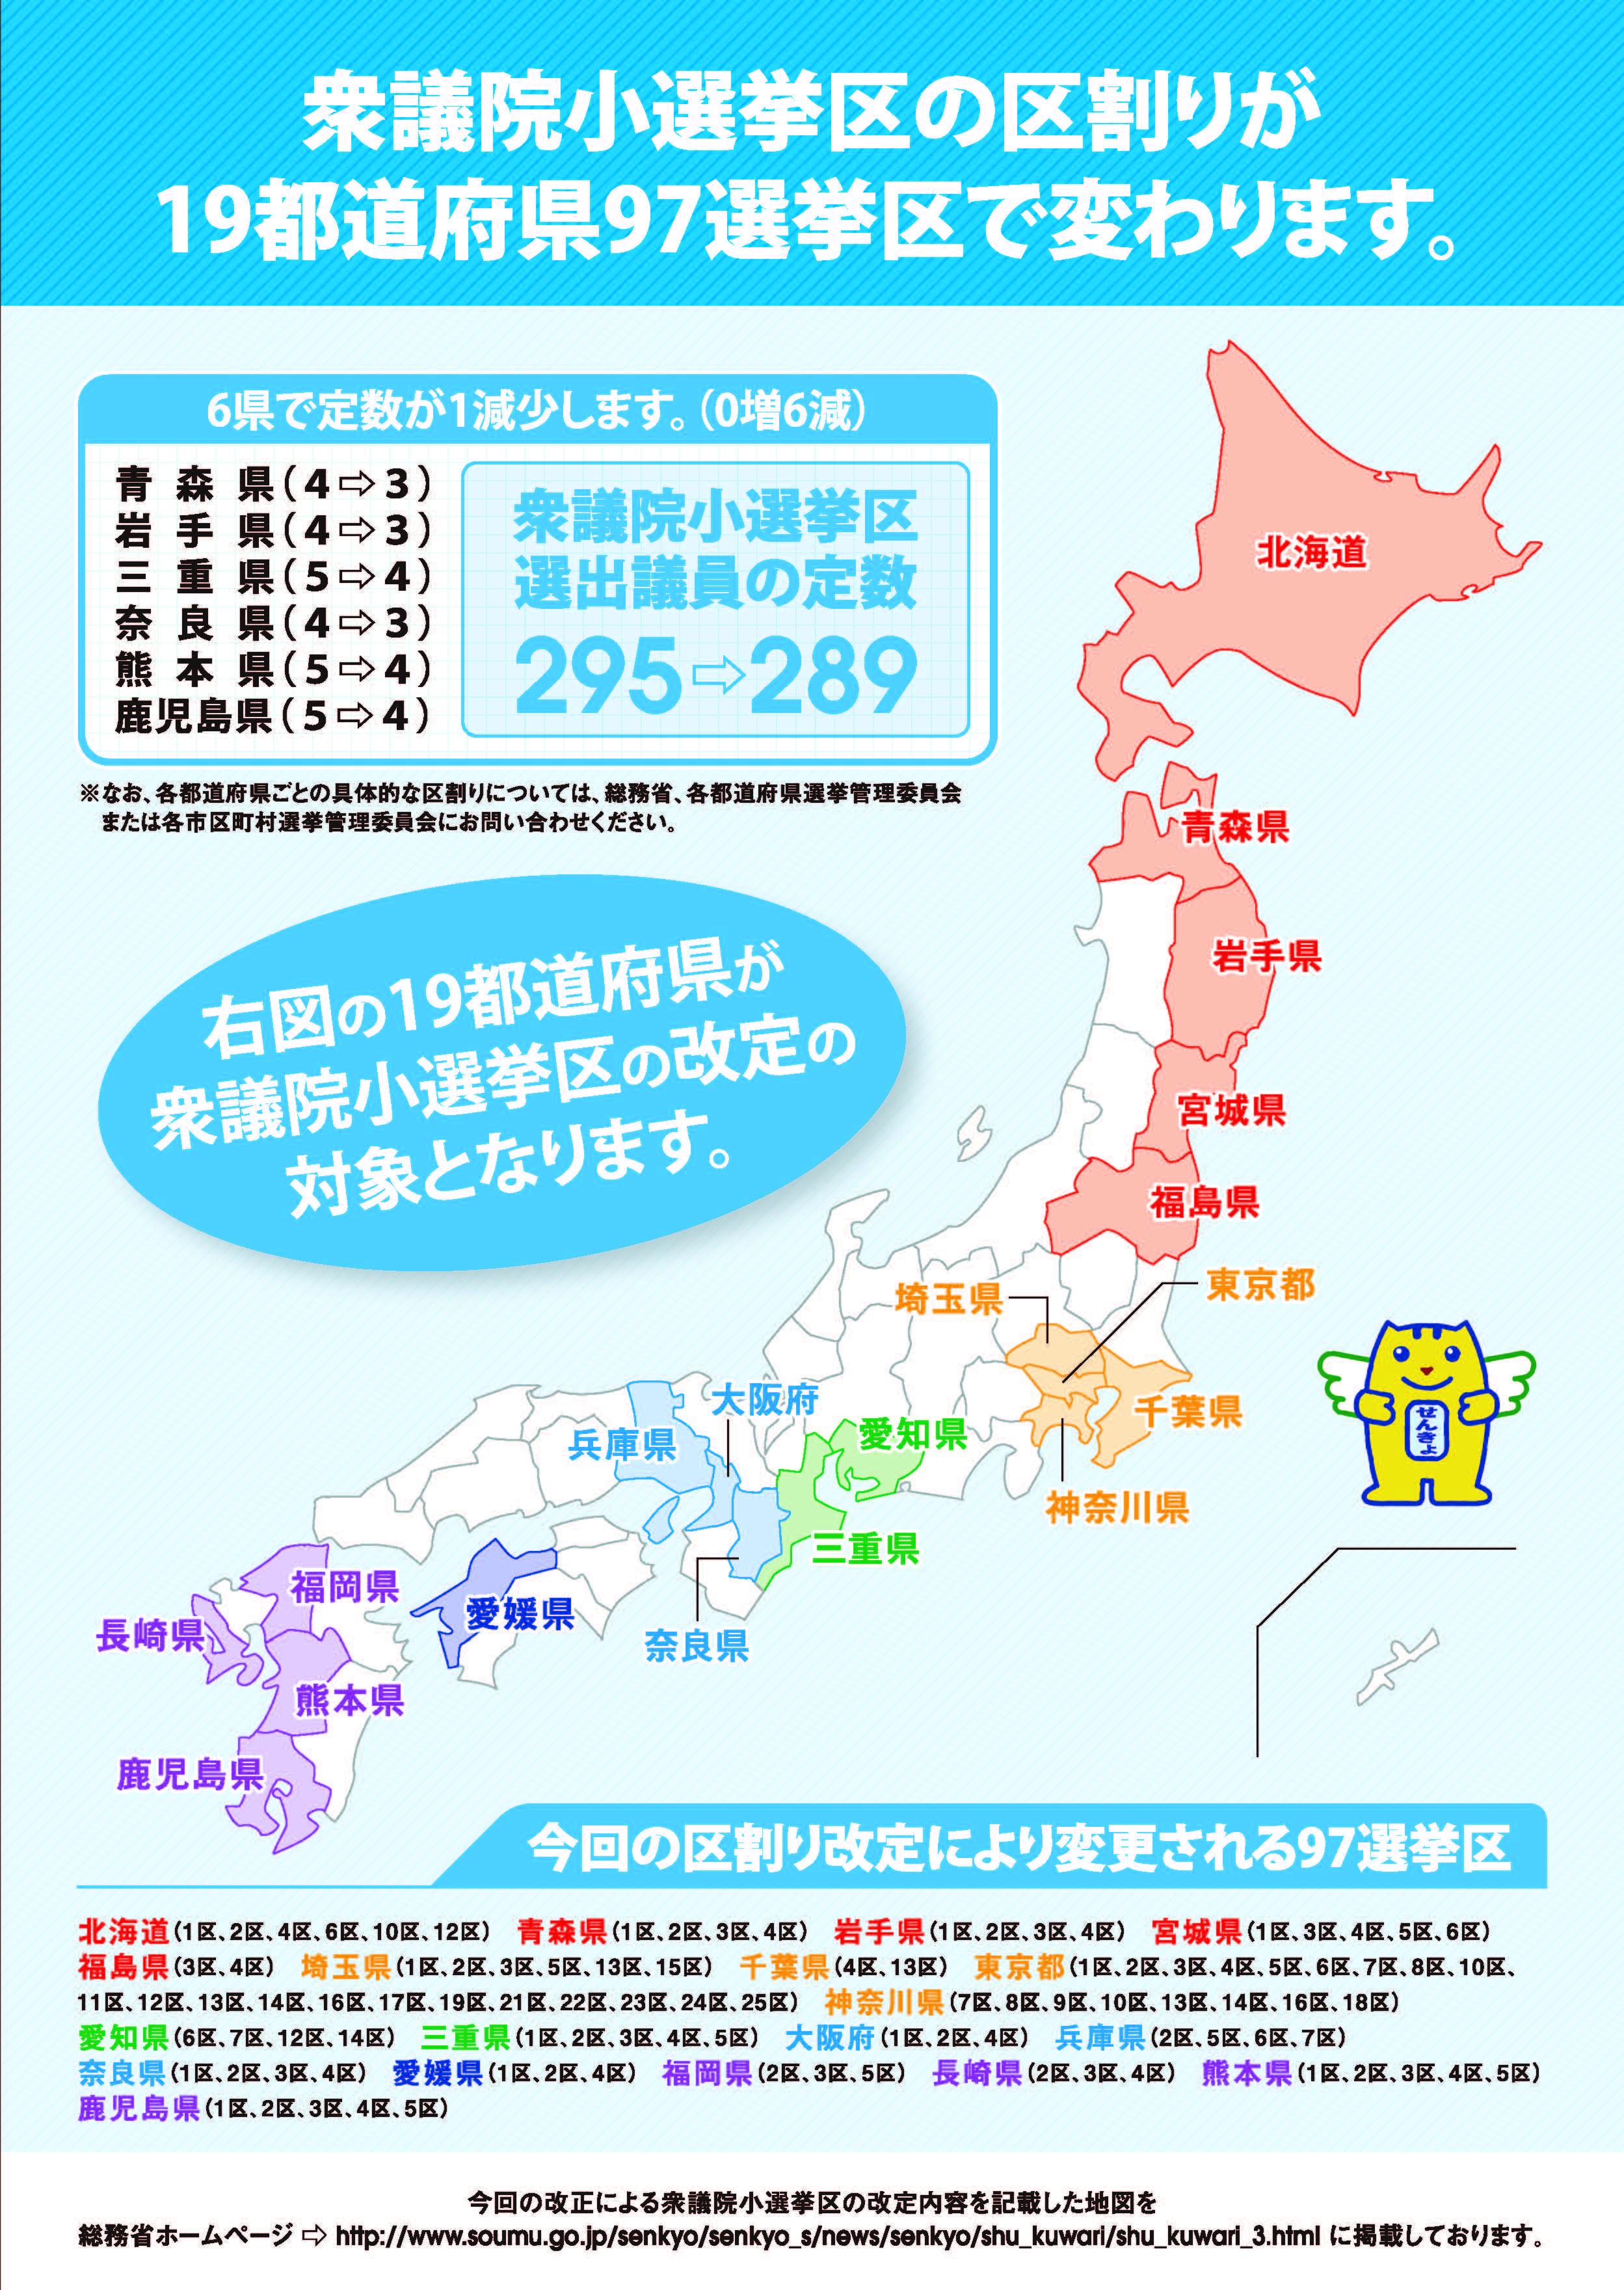 宮城 県 選挙 管理 委員 会